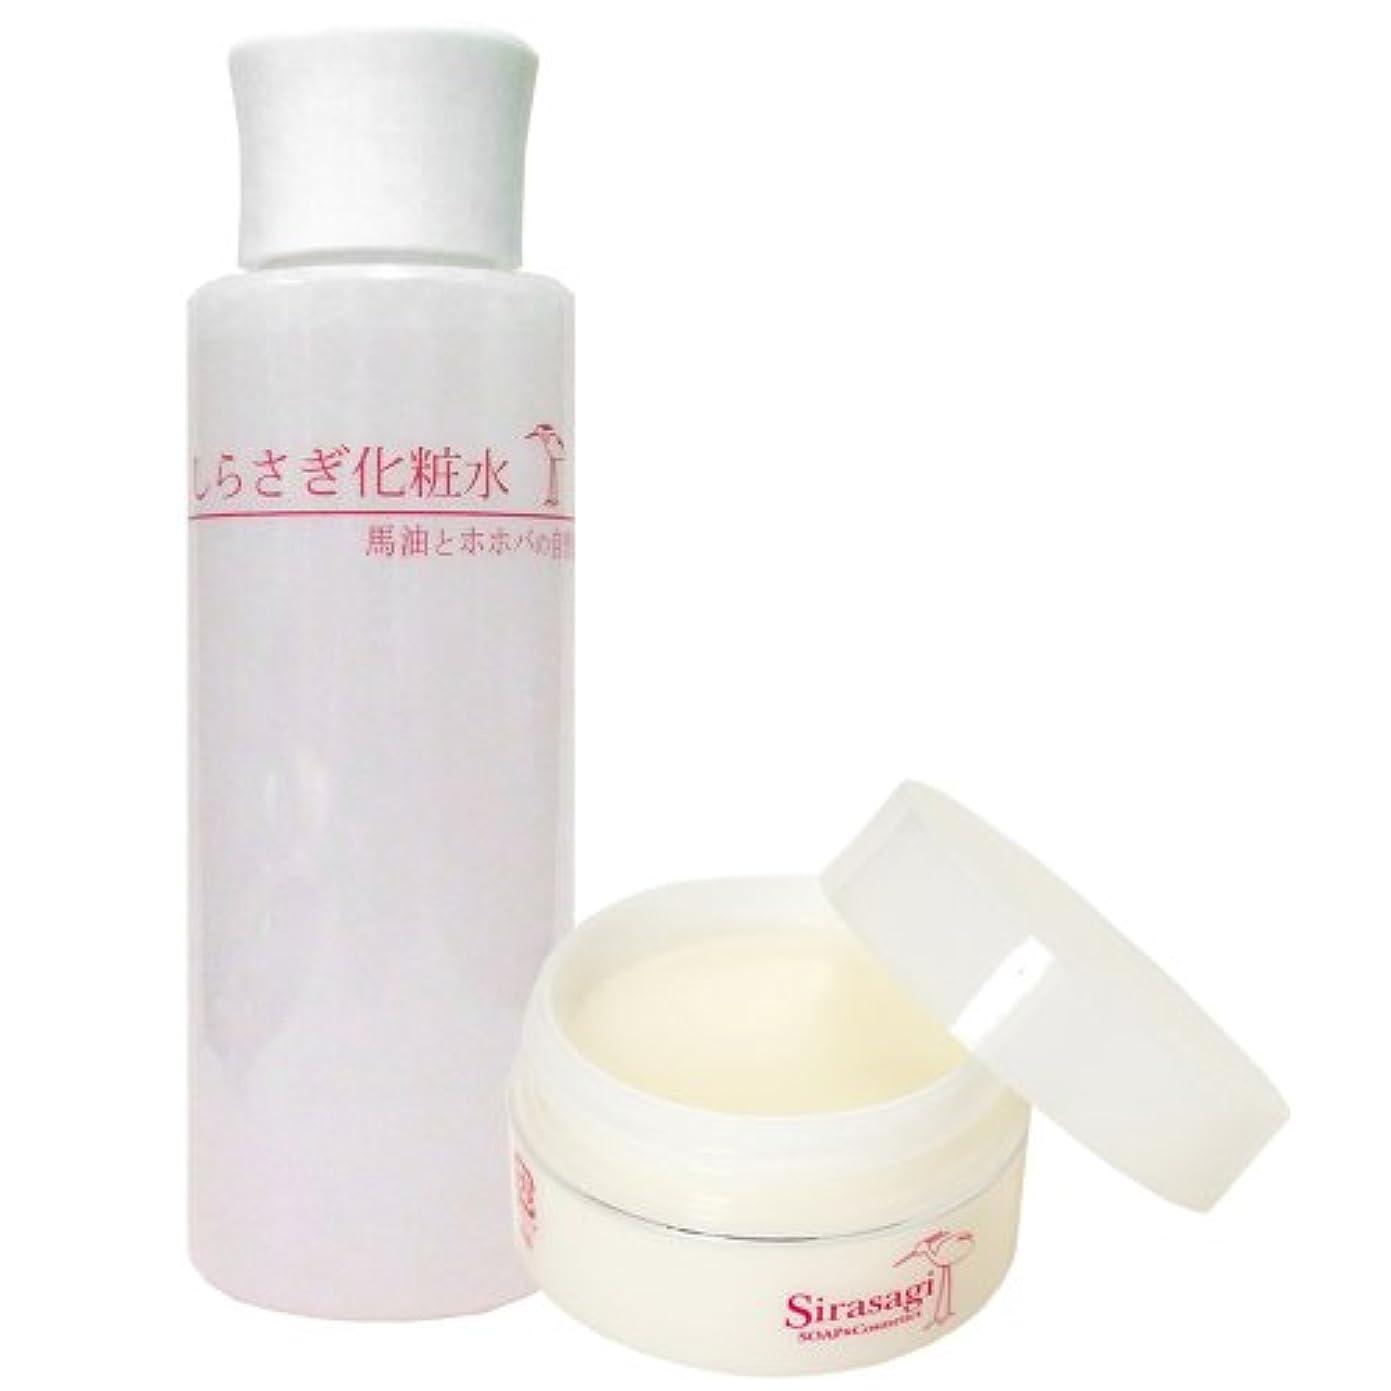 提供されたサスティーン認識しらさぎクリーム(無香料)としらさぎ化粧水のセット